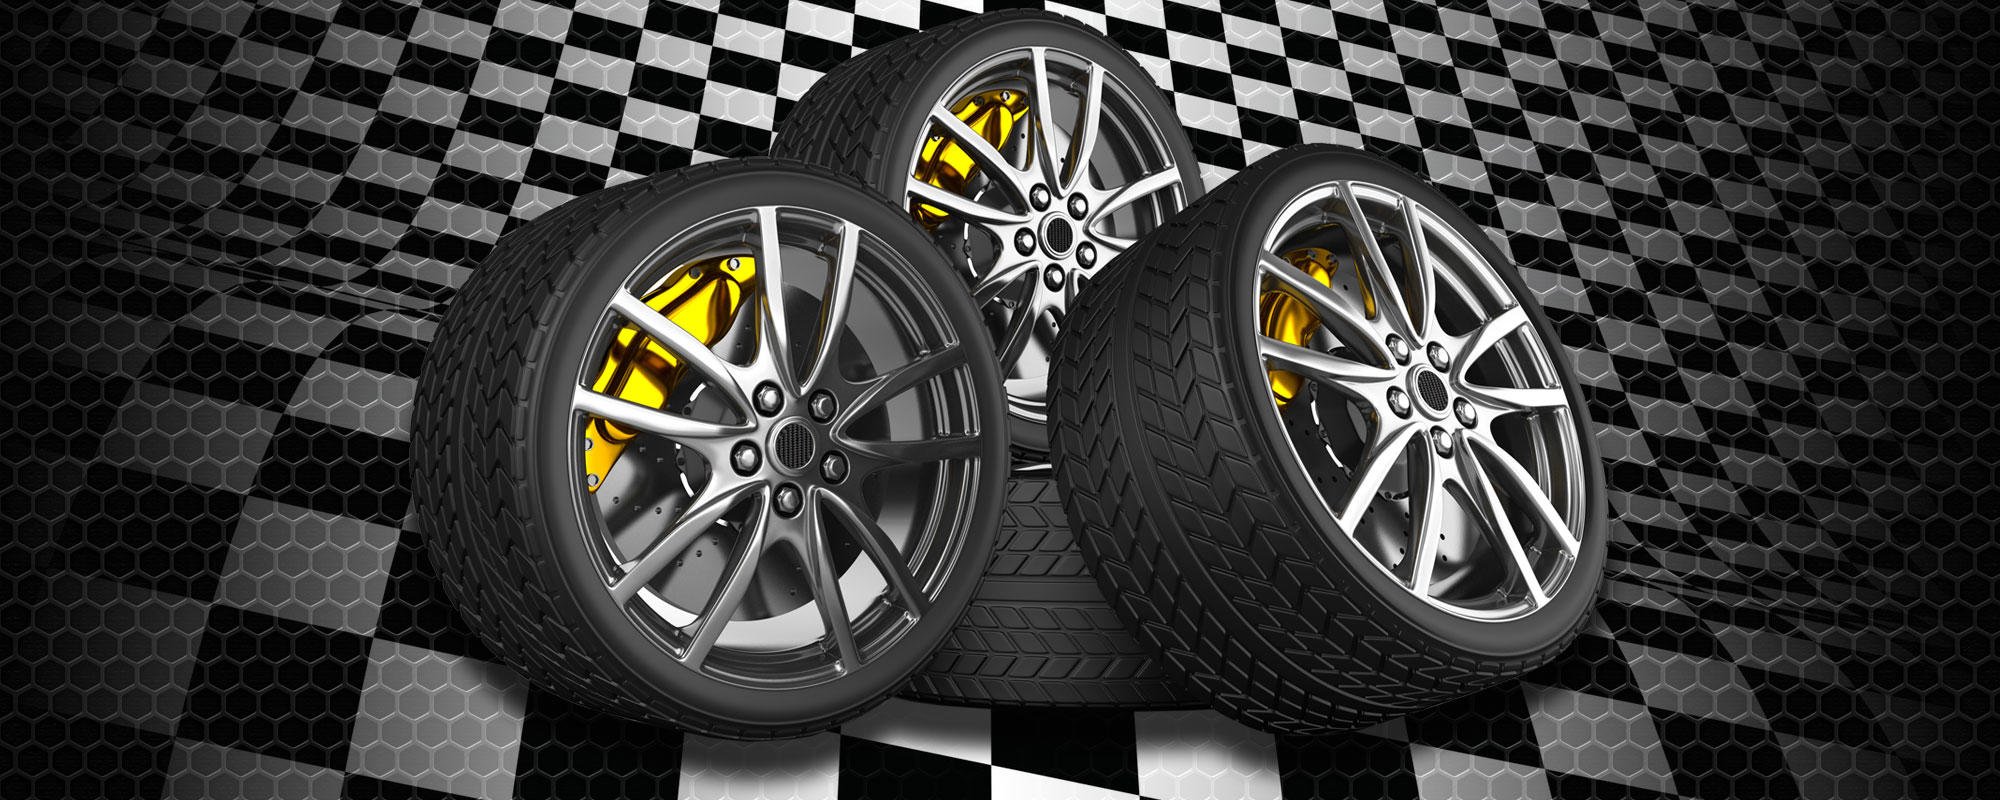 Cordova's Tires image 4